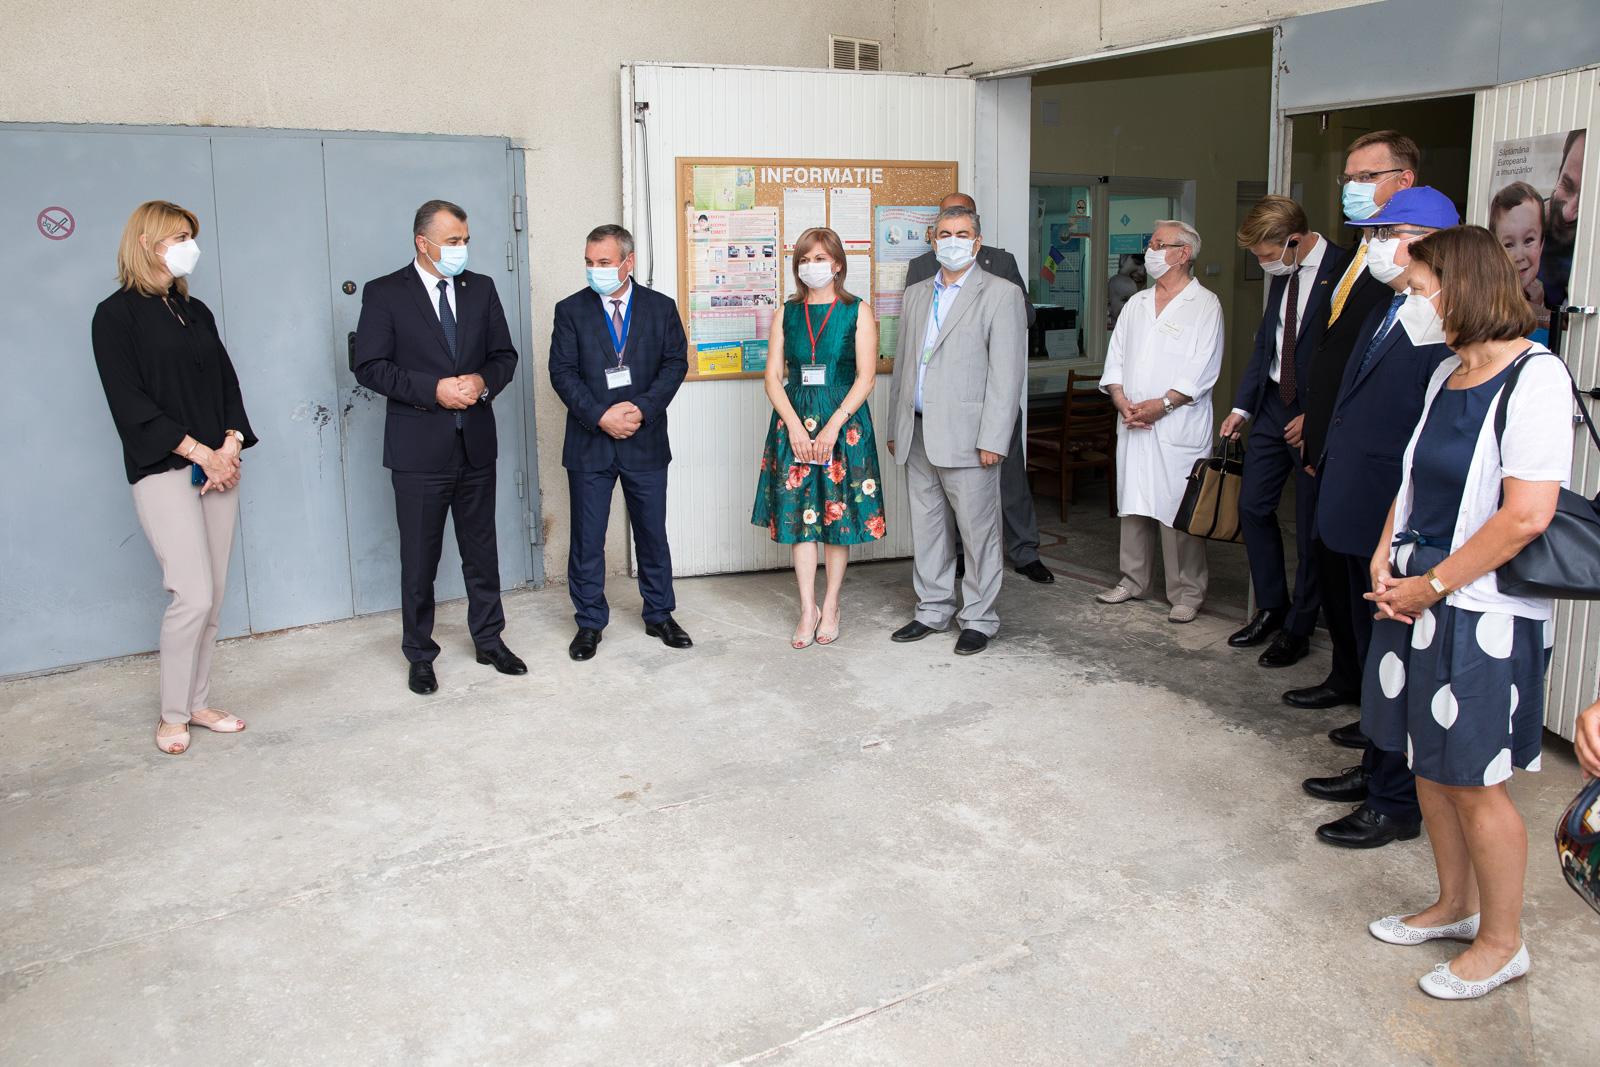 ВМолдове открыли центр координации чрезвычайных ситуаций вздравоохранении (ФОТО)